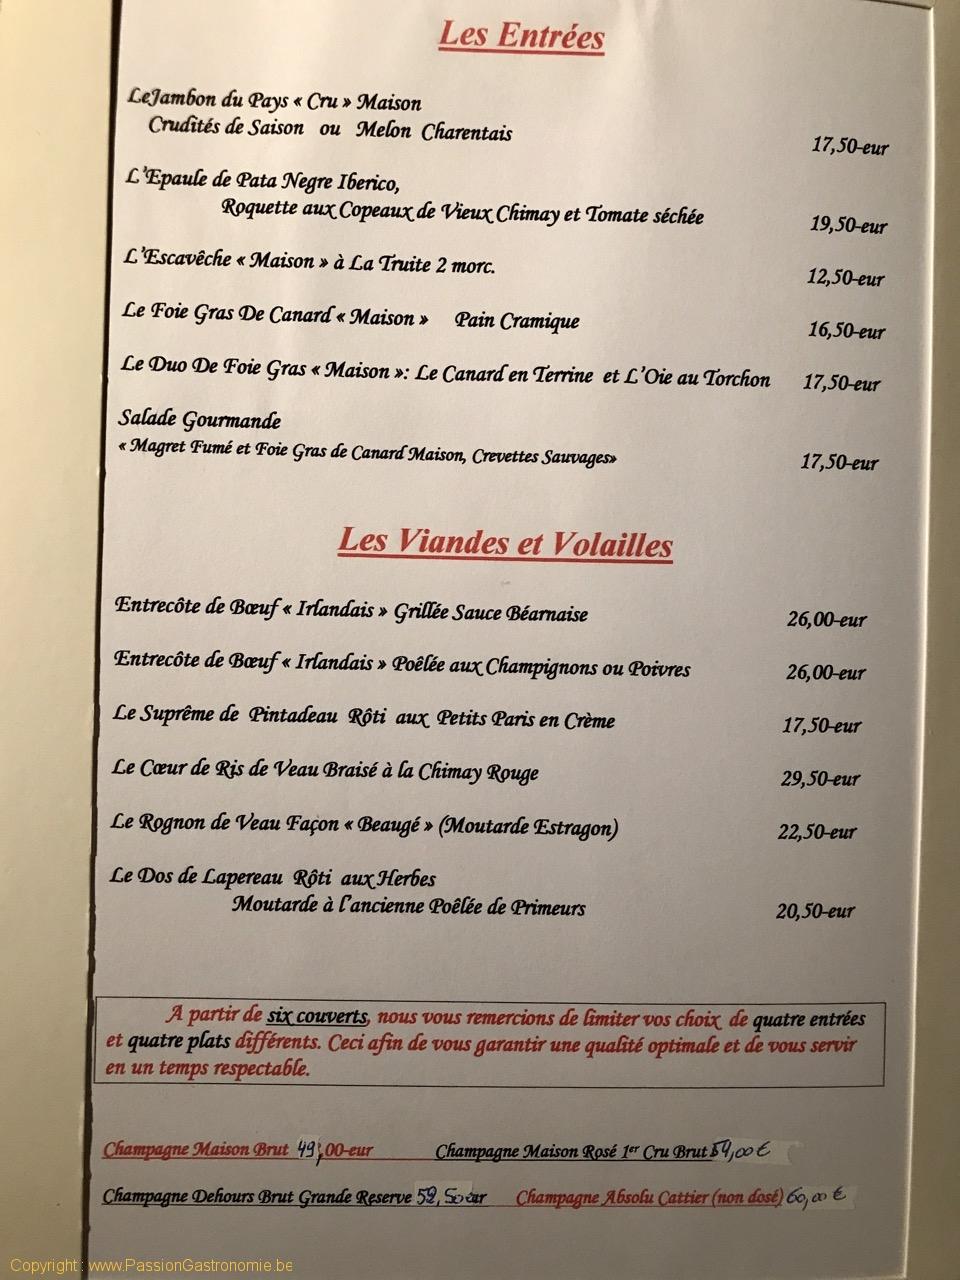 Restaurant La Malterie - La carte des entrées, viandes et volailles